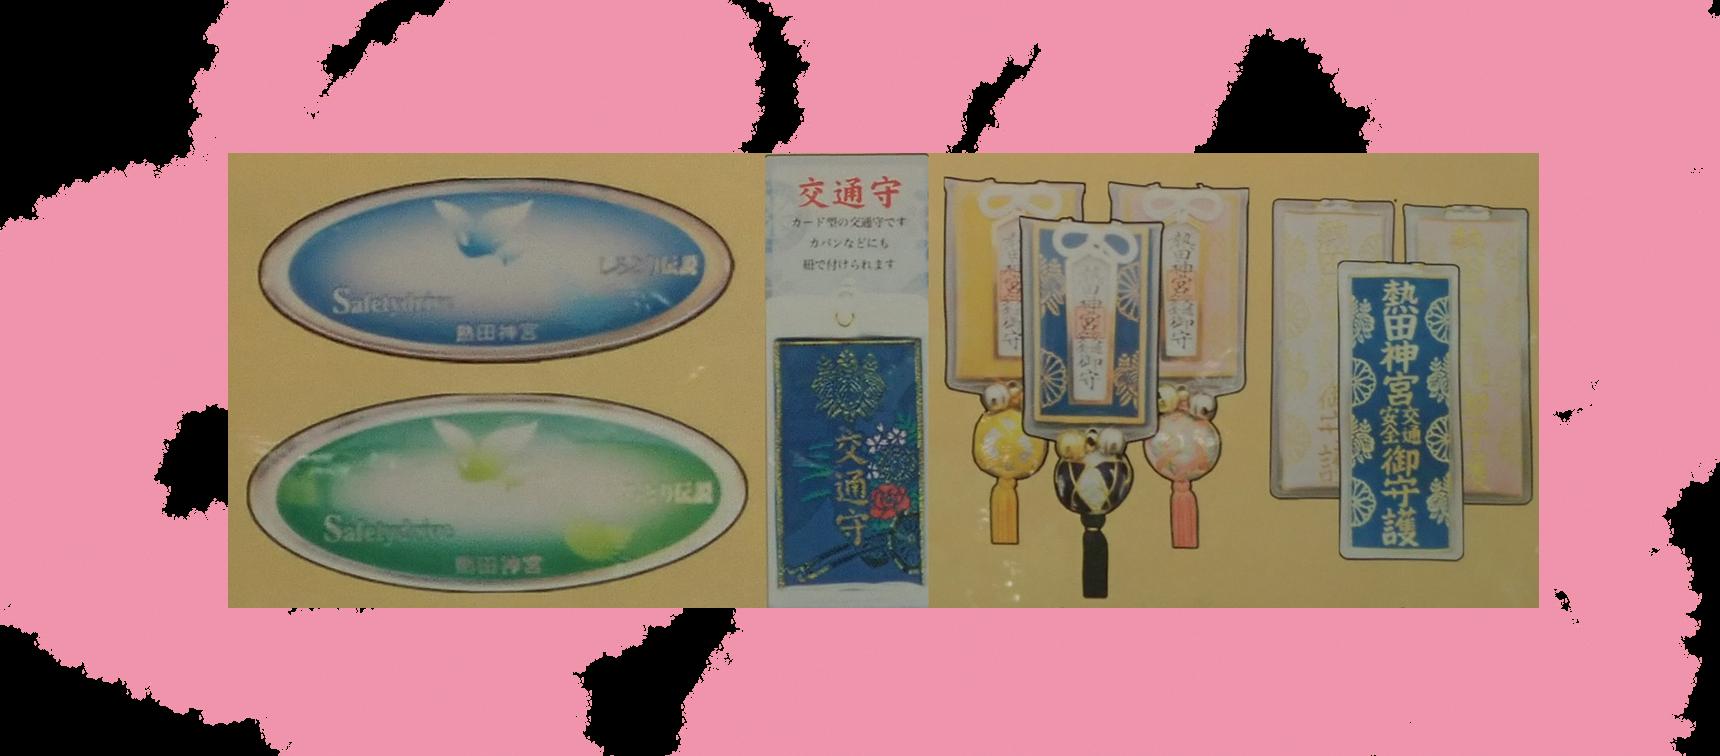 熱田神宮の交通守